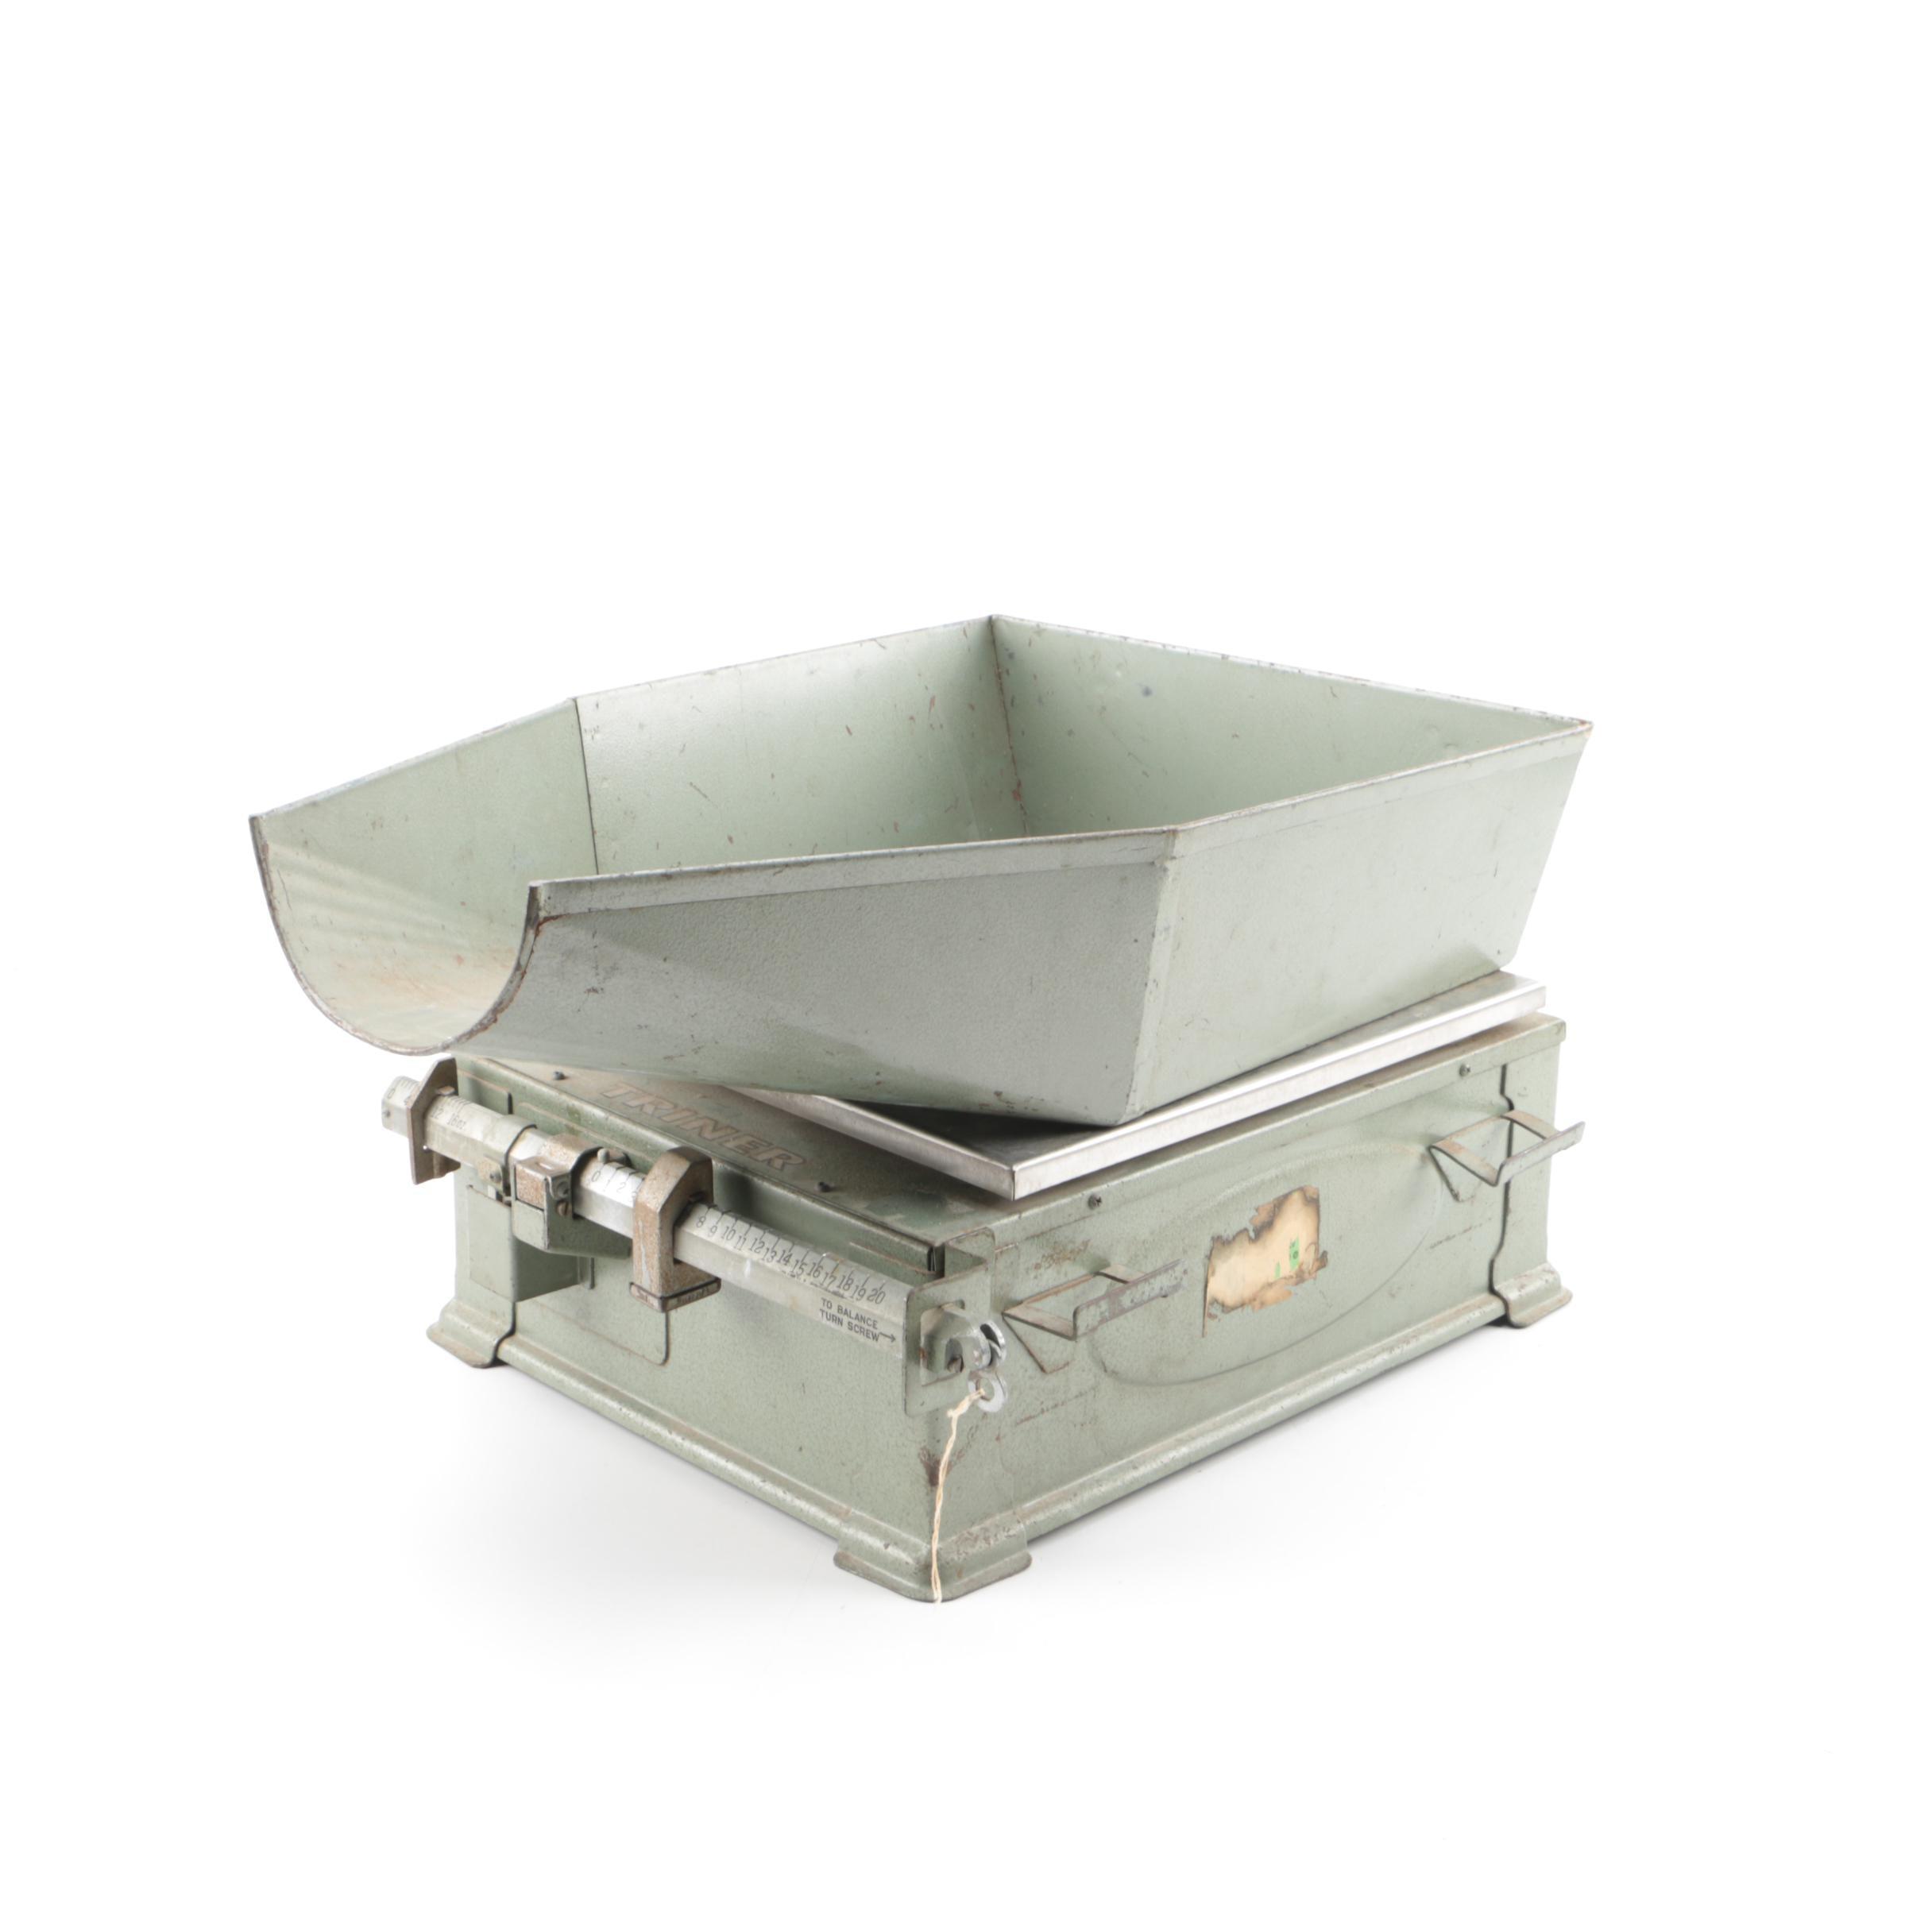 Vintage Triner Dry Goods Scale